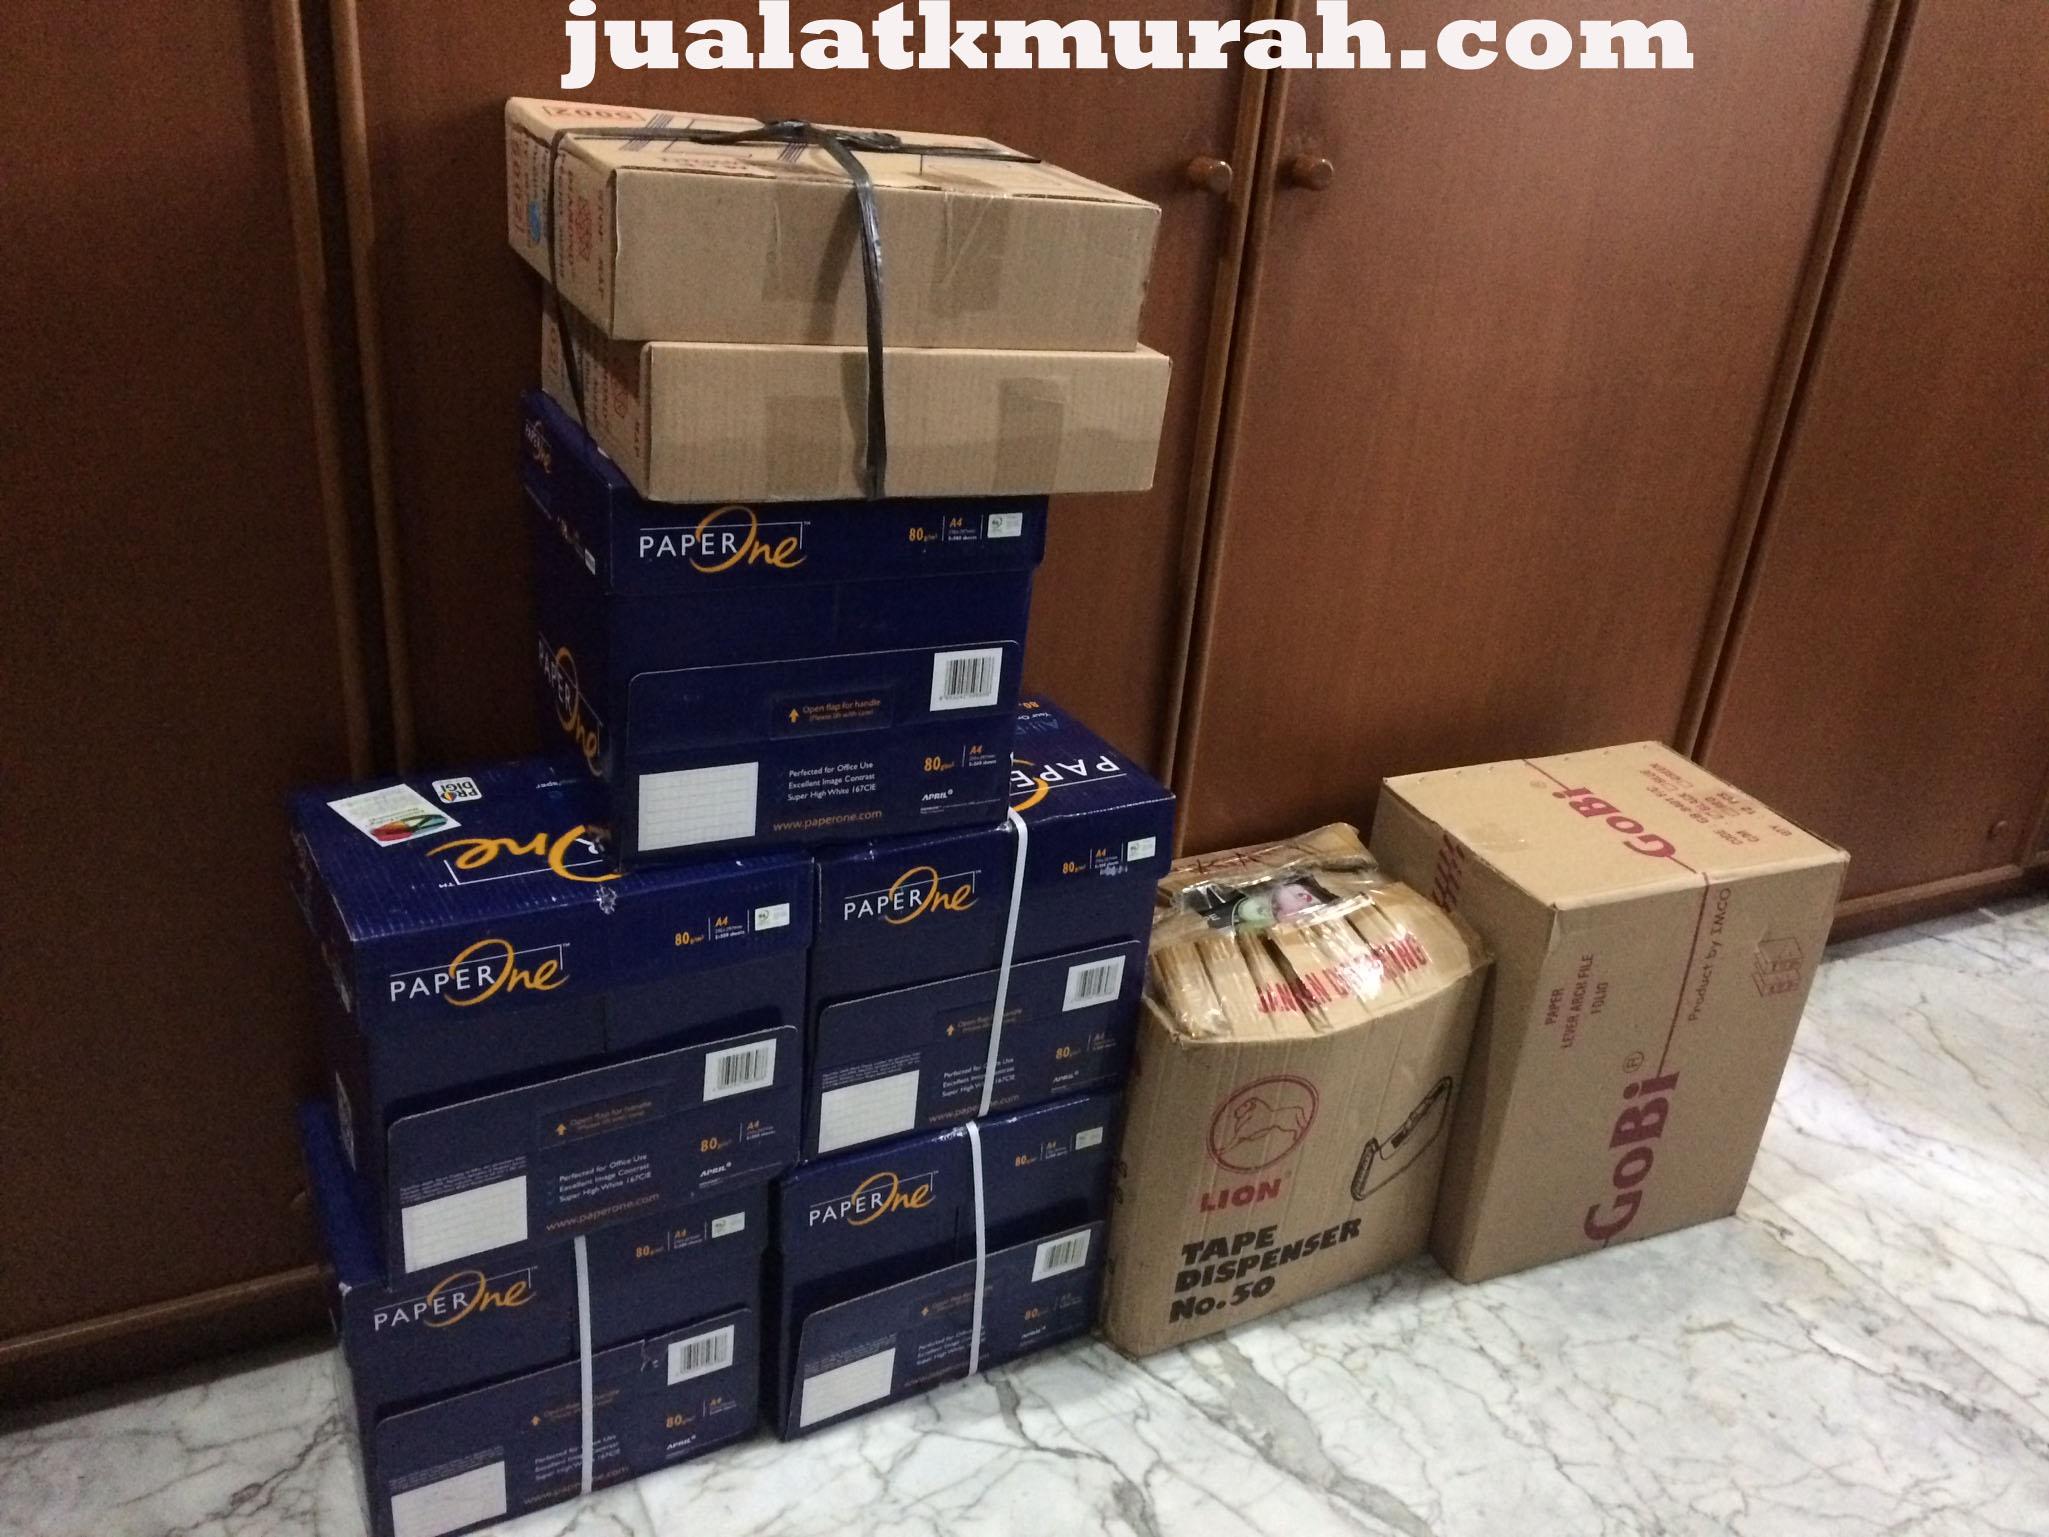 Jual ATK Murah di Cawang Jakarta Timur